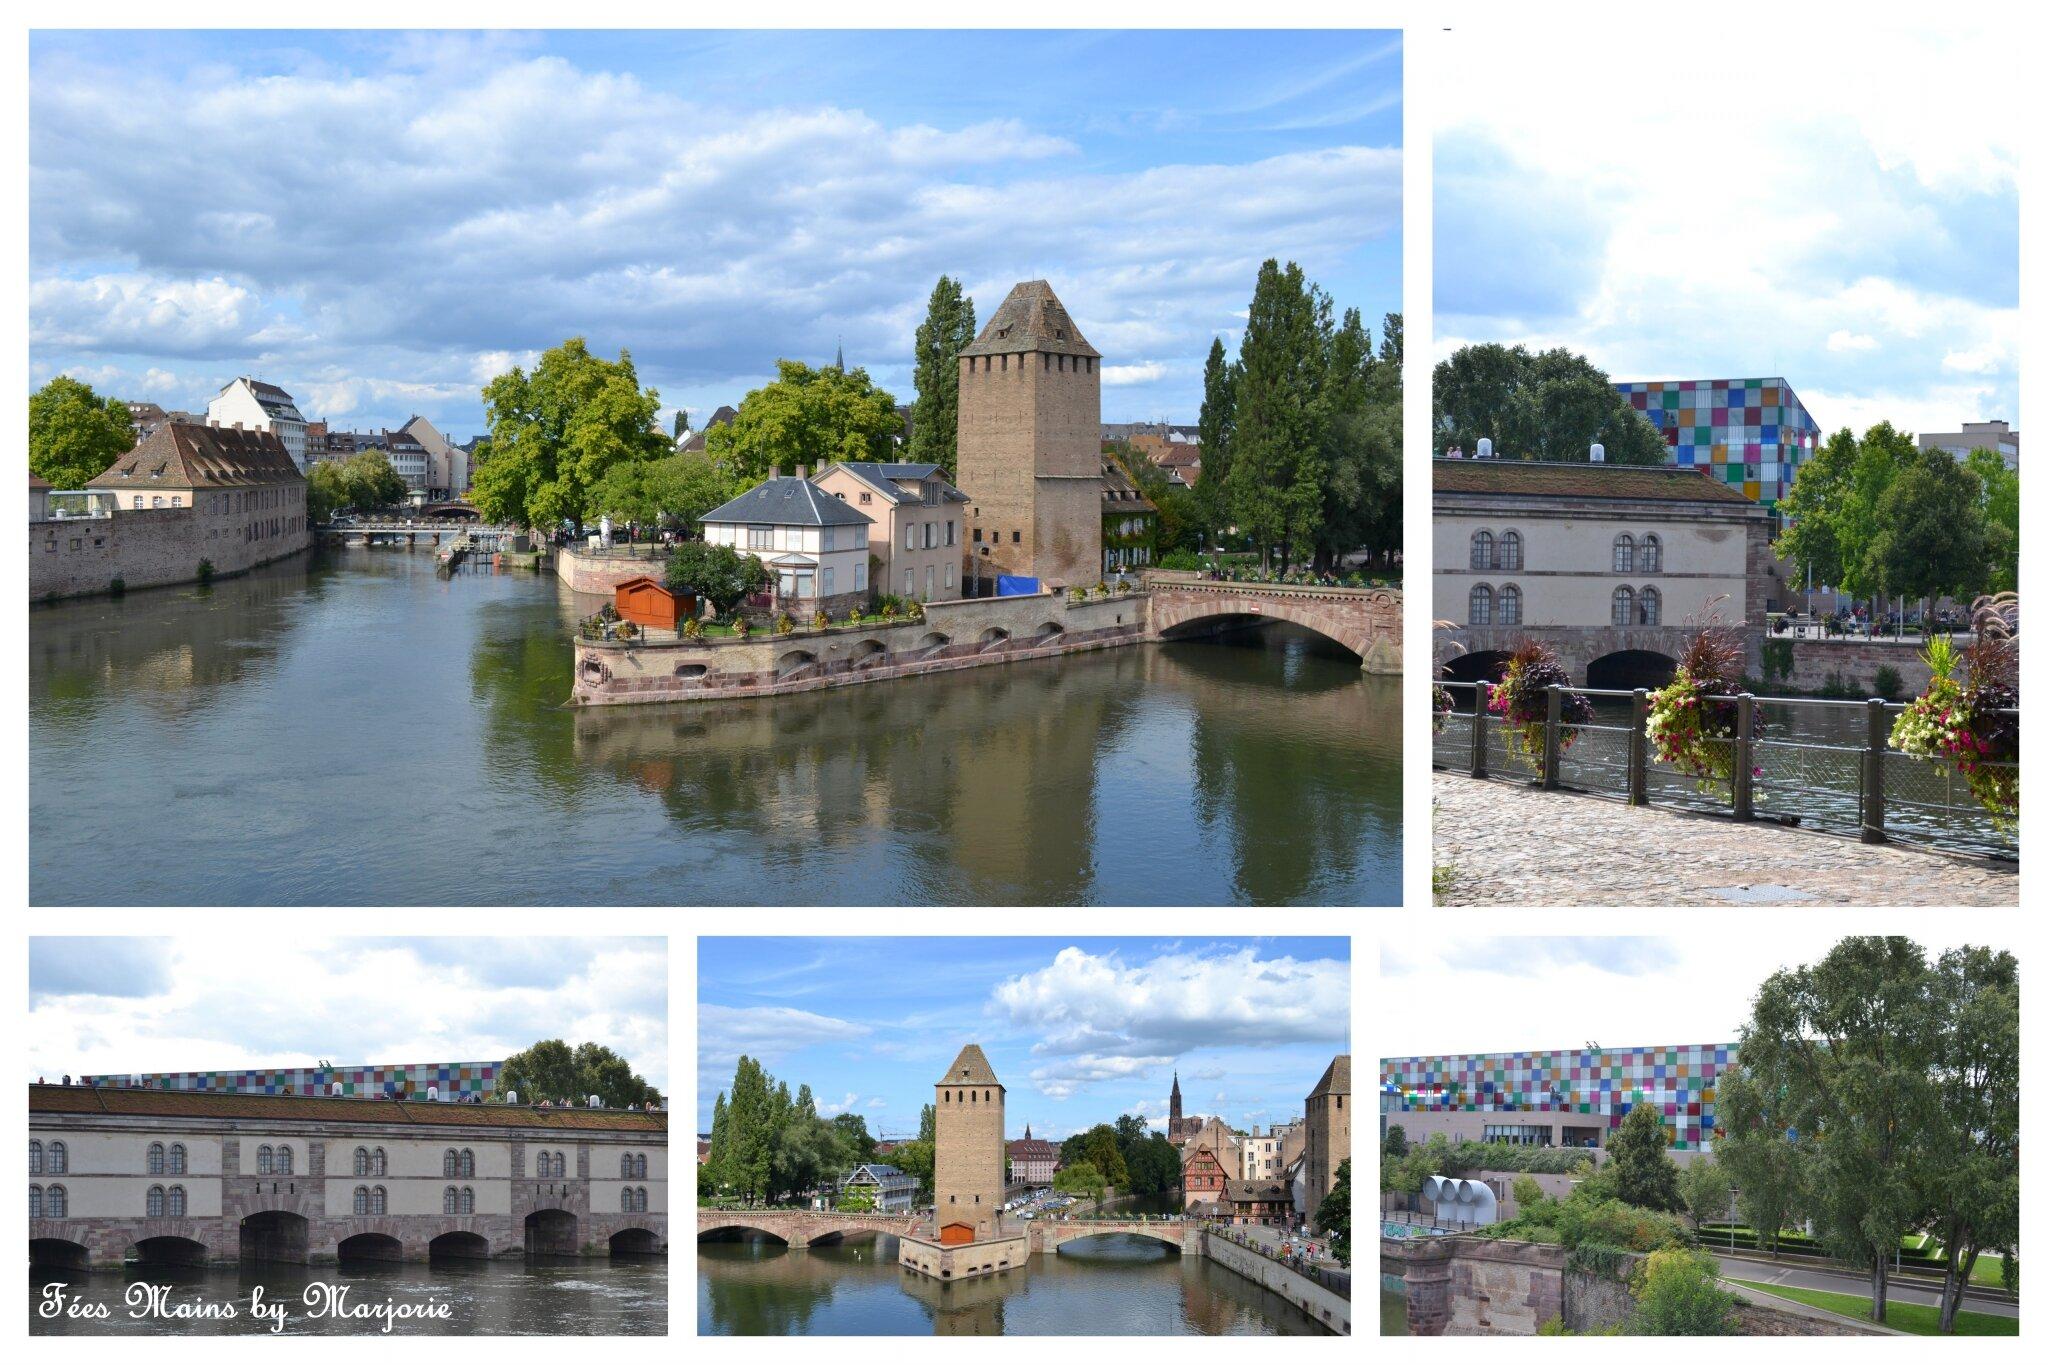 Barrage Vauban, Ponts couverts et MAMCS Strasbourg